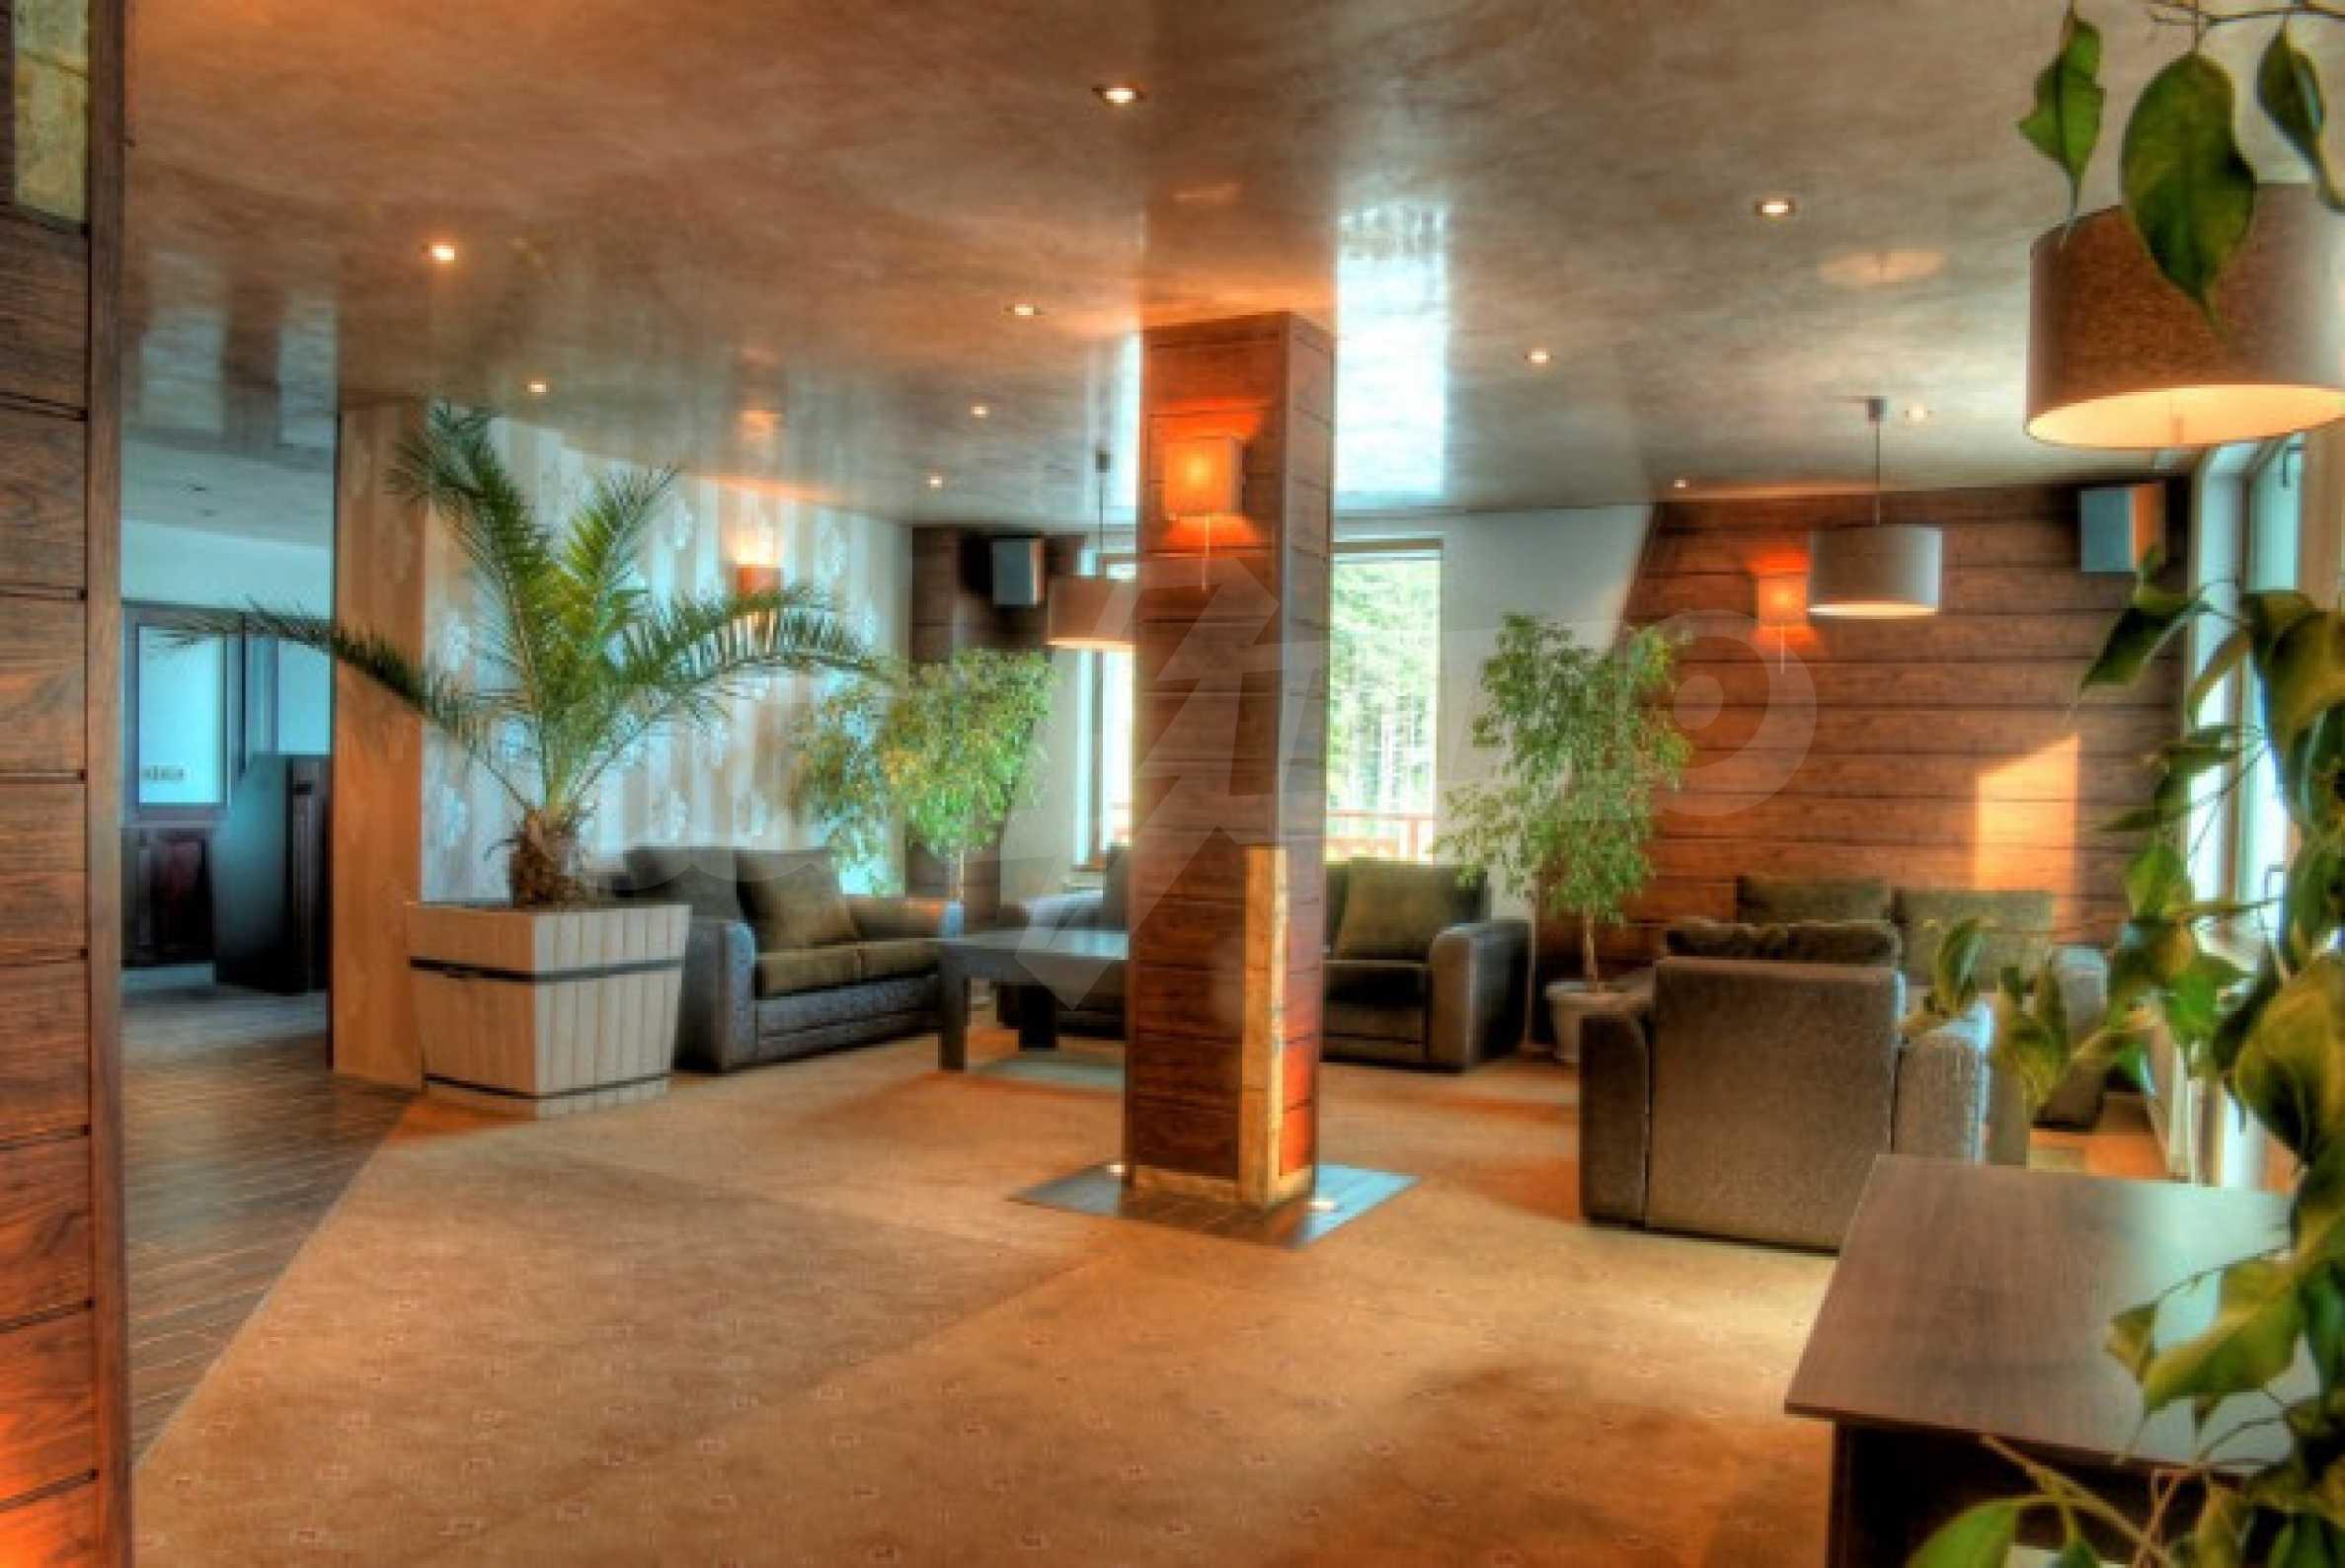 Апартаменти на атрактивни цени в планински ваканционен комплекс в Пампорово 6